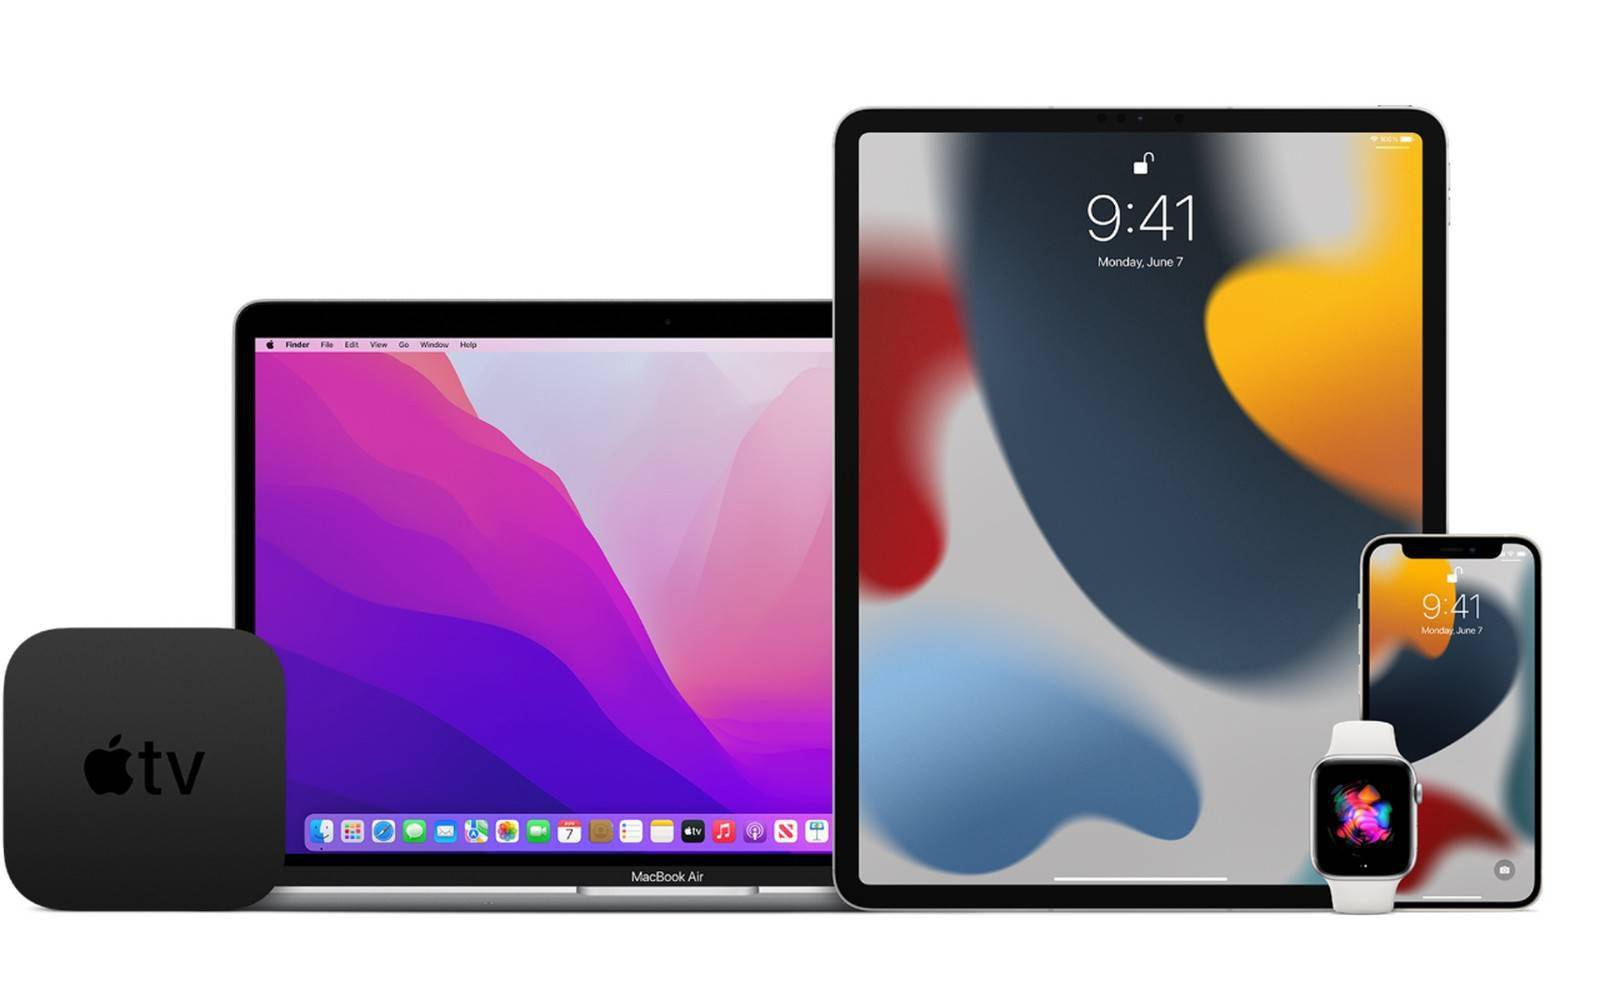 多款苹果产品经历发货延迟 芯片短缺影响或慢慢浮现  消费与科技